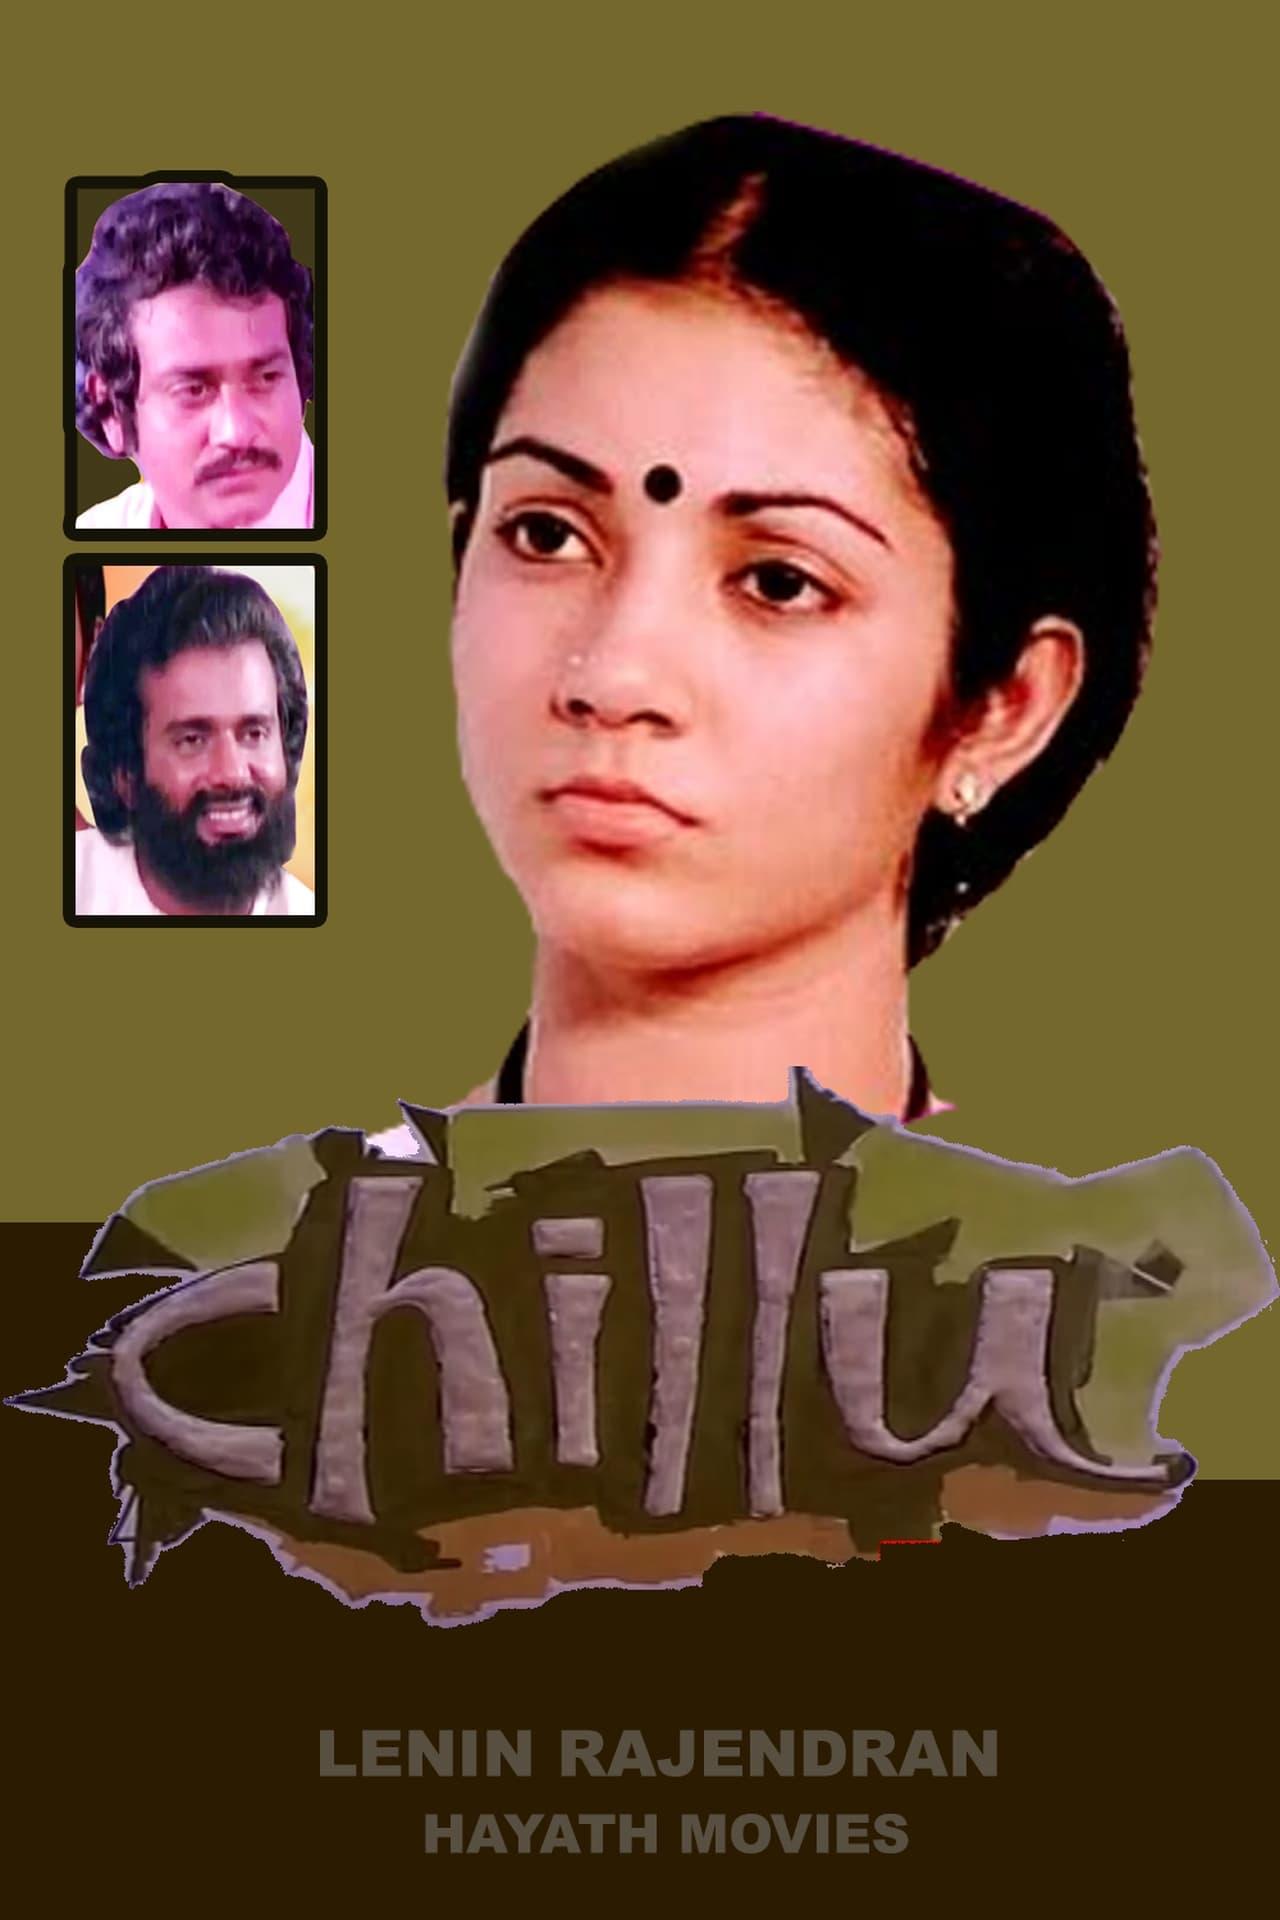 Chillu